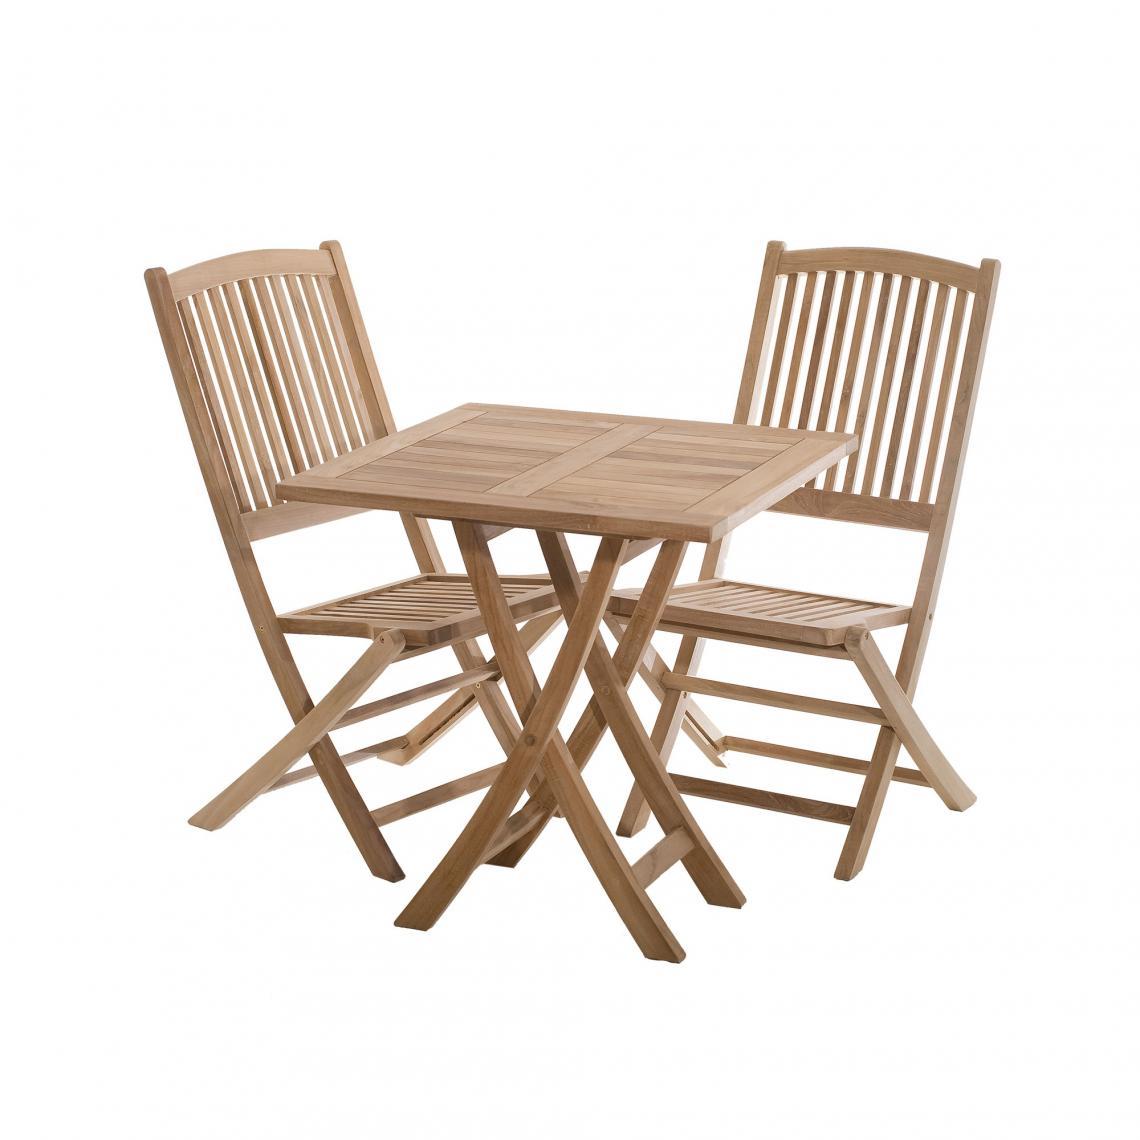 Table carrée pliante 70 cm en teck massif - Teck | 3 SUISSES